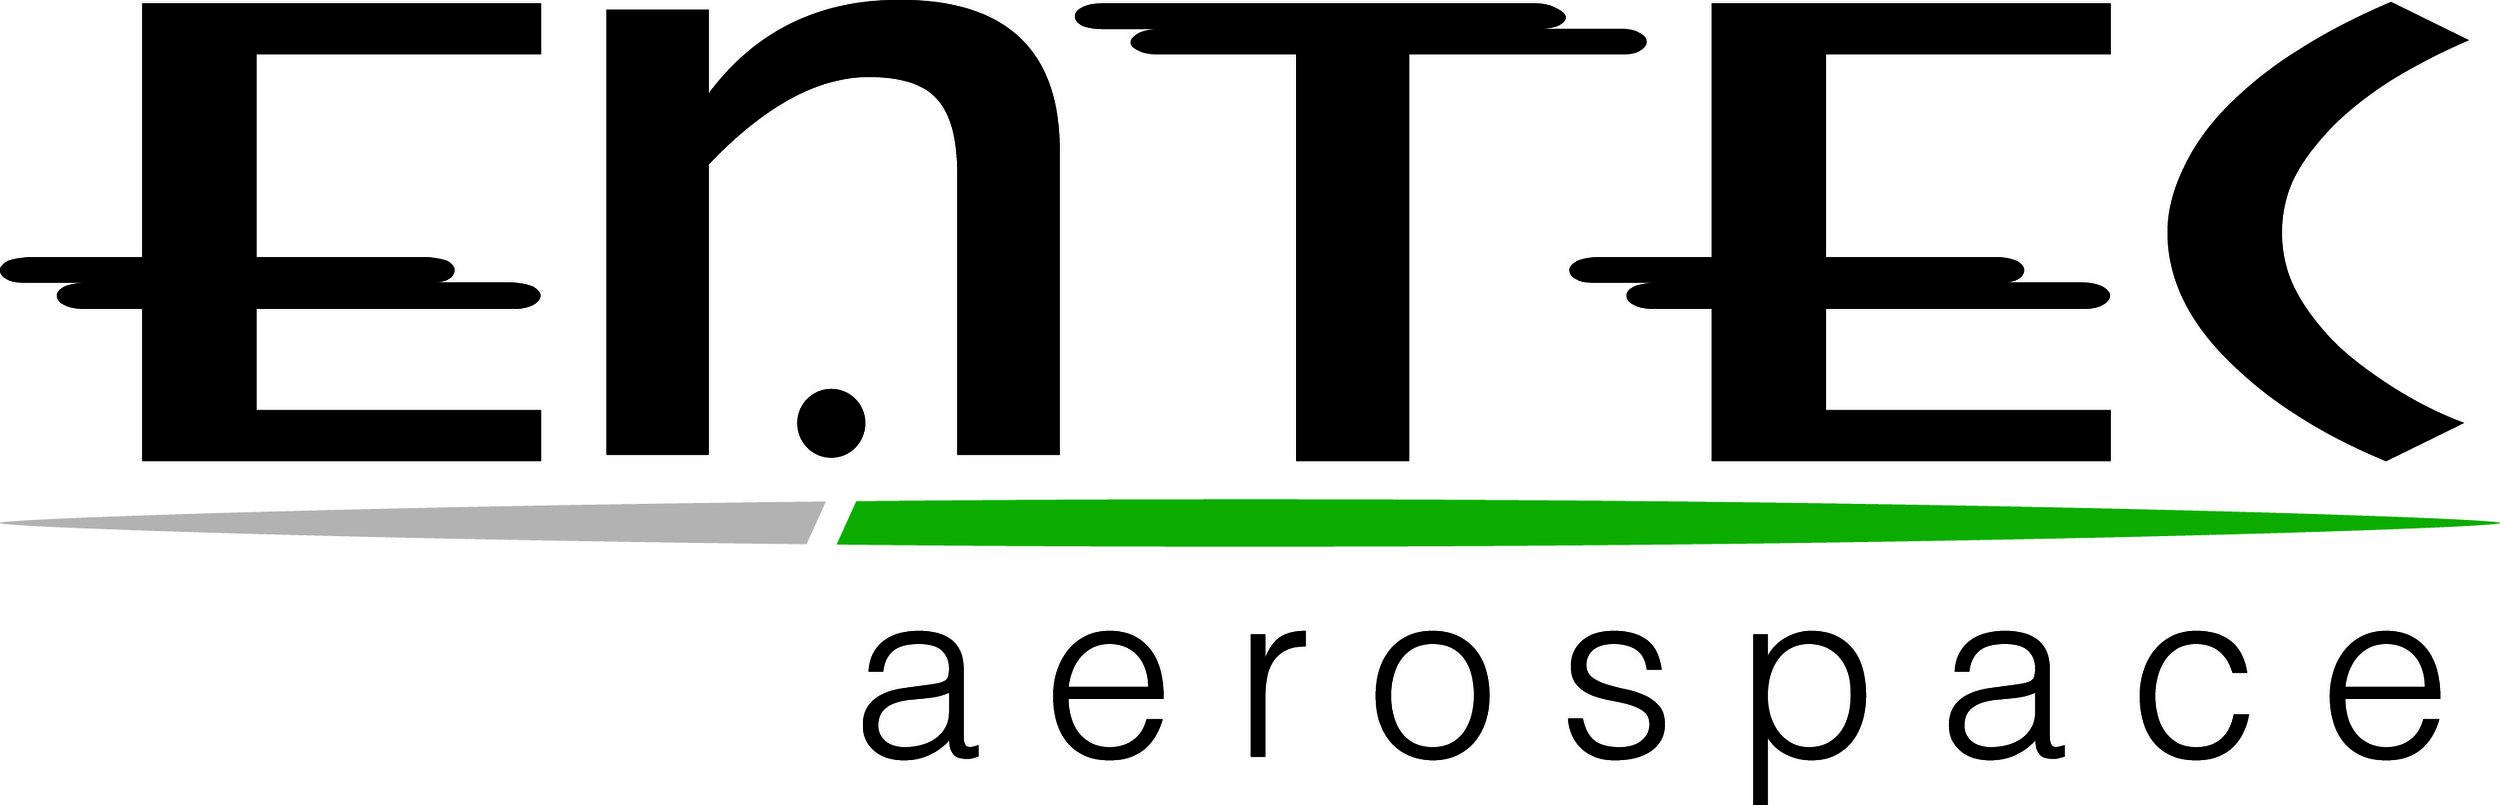 EnTEC aerospace : HELIPUERTOS